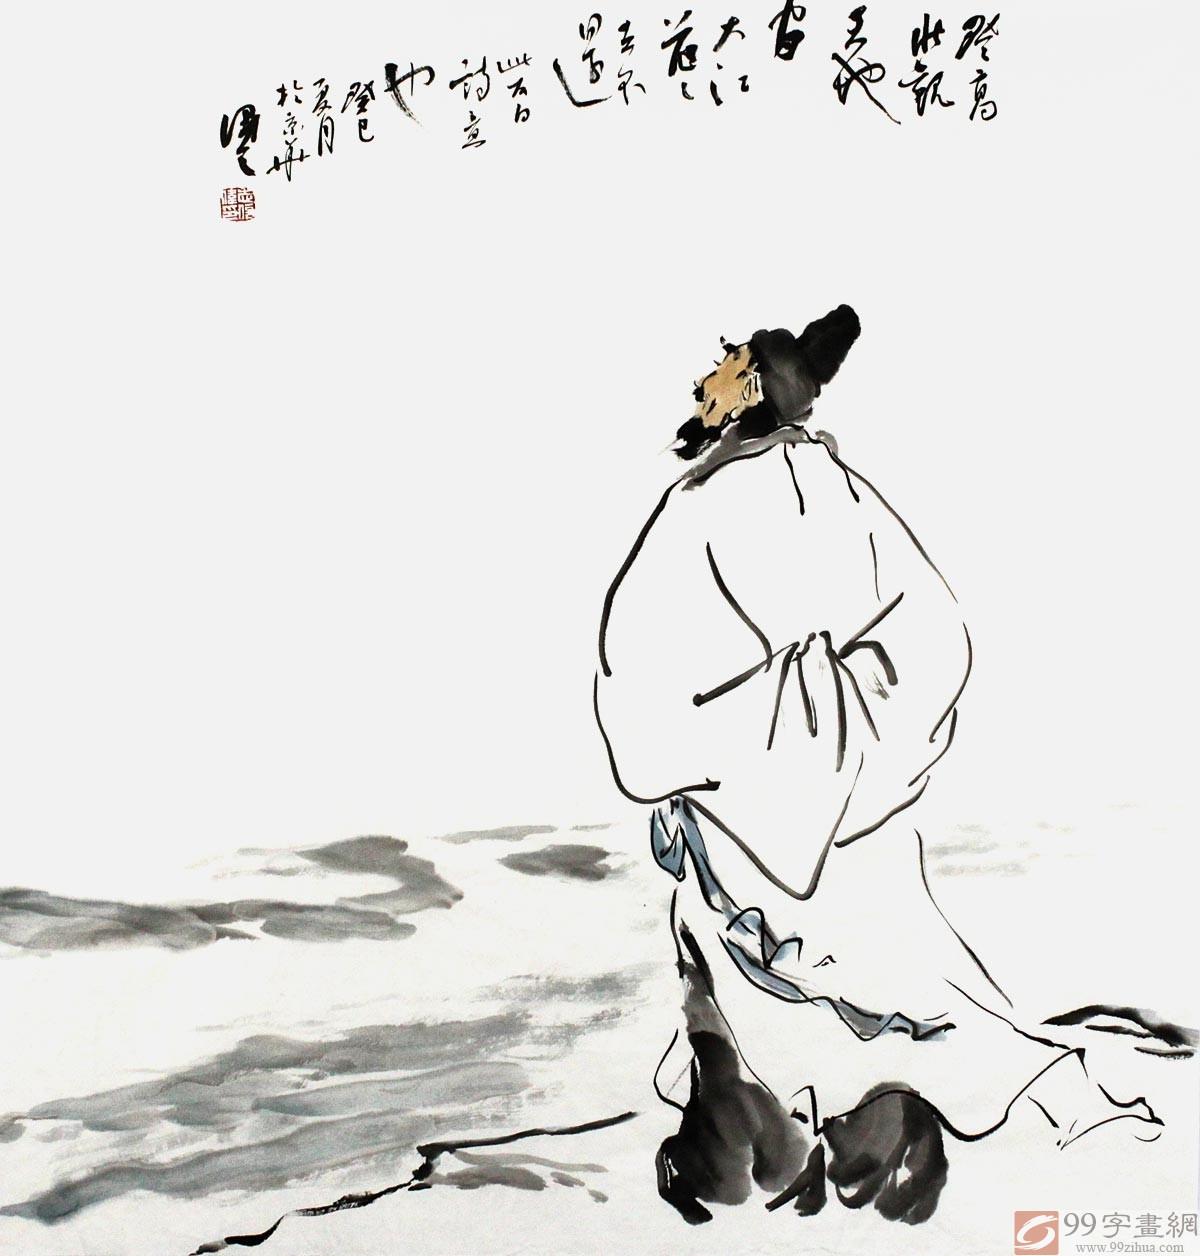 陈漫之,本名陈志伟,1979年生于河北丰润,现居北京。自幼随父习人物肖像,同时临习芥子园画谱,兼习书法,打下坚实的造型和笔墨基础。1999 年考入河北大学艺术学院艺术设计专业,同年师从著名书法家、诗人赵逢明先生习书法和诗词。2011年因偶然机缘受到华裔著名教育家、艺术巨匠钟正山先生赏 识,收为入室弟子。